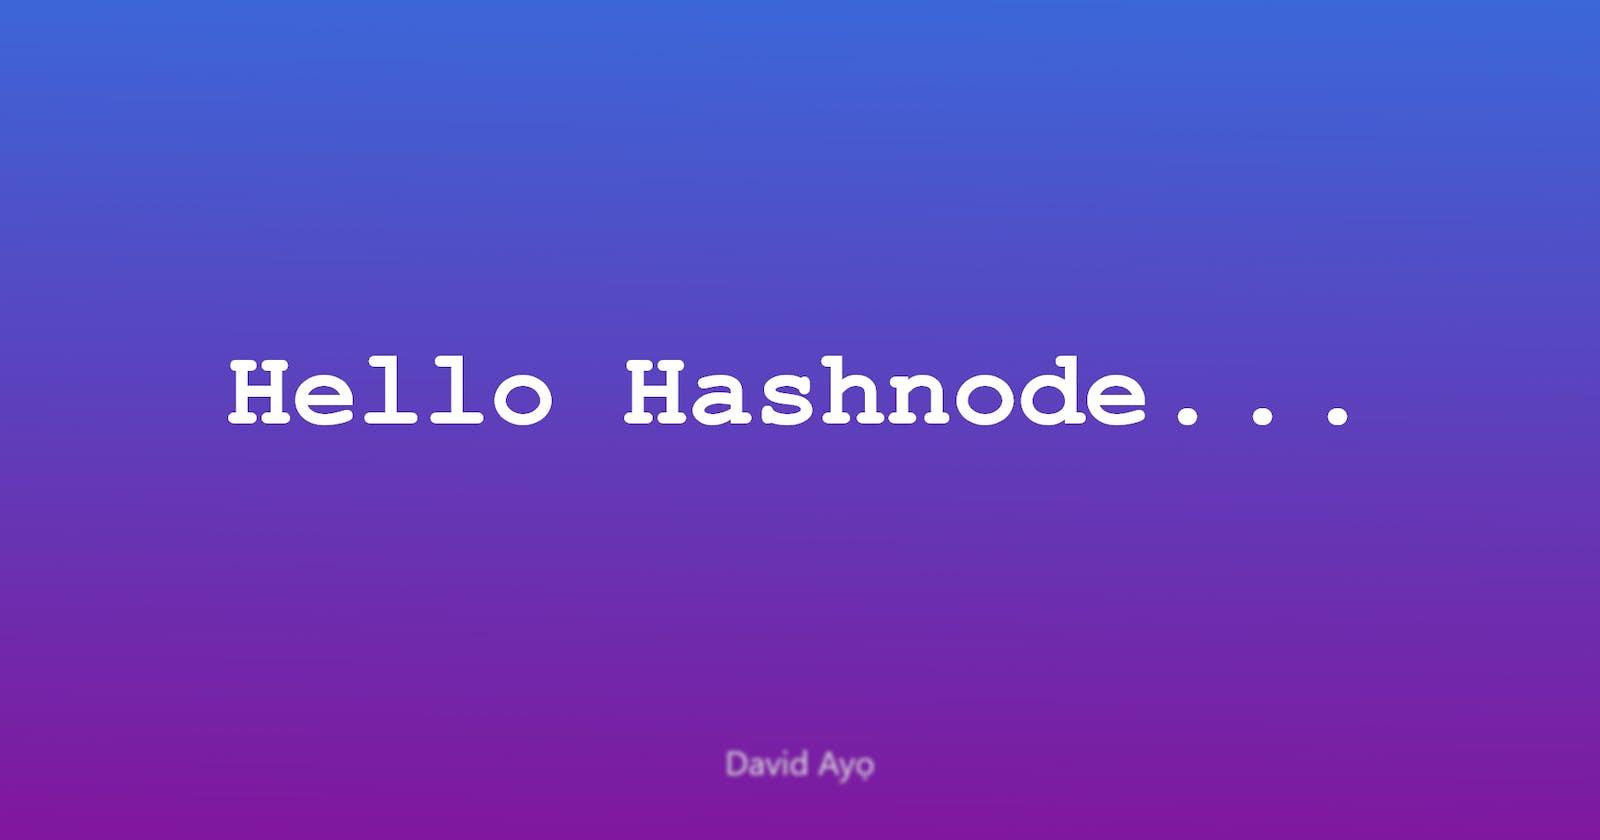 Hello HashNode...